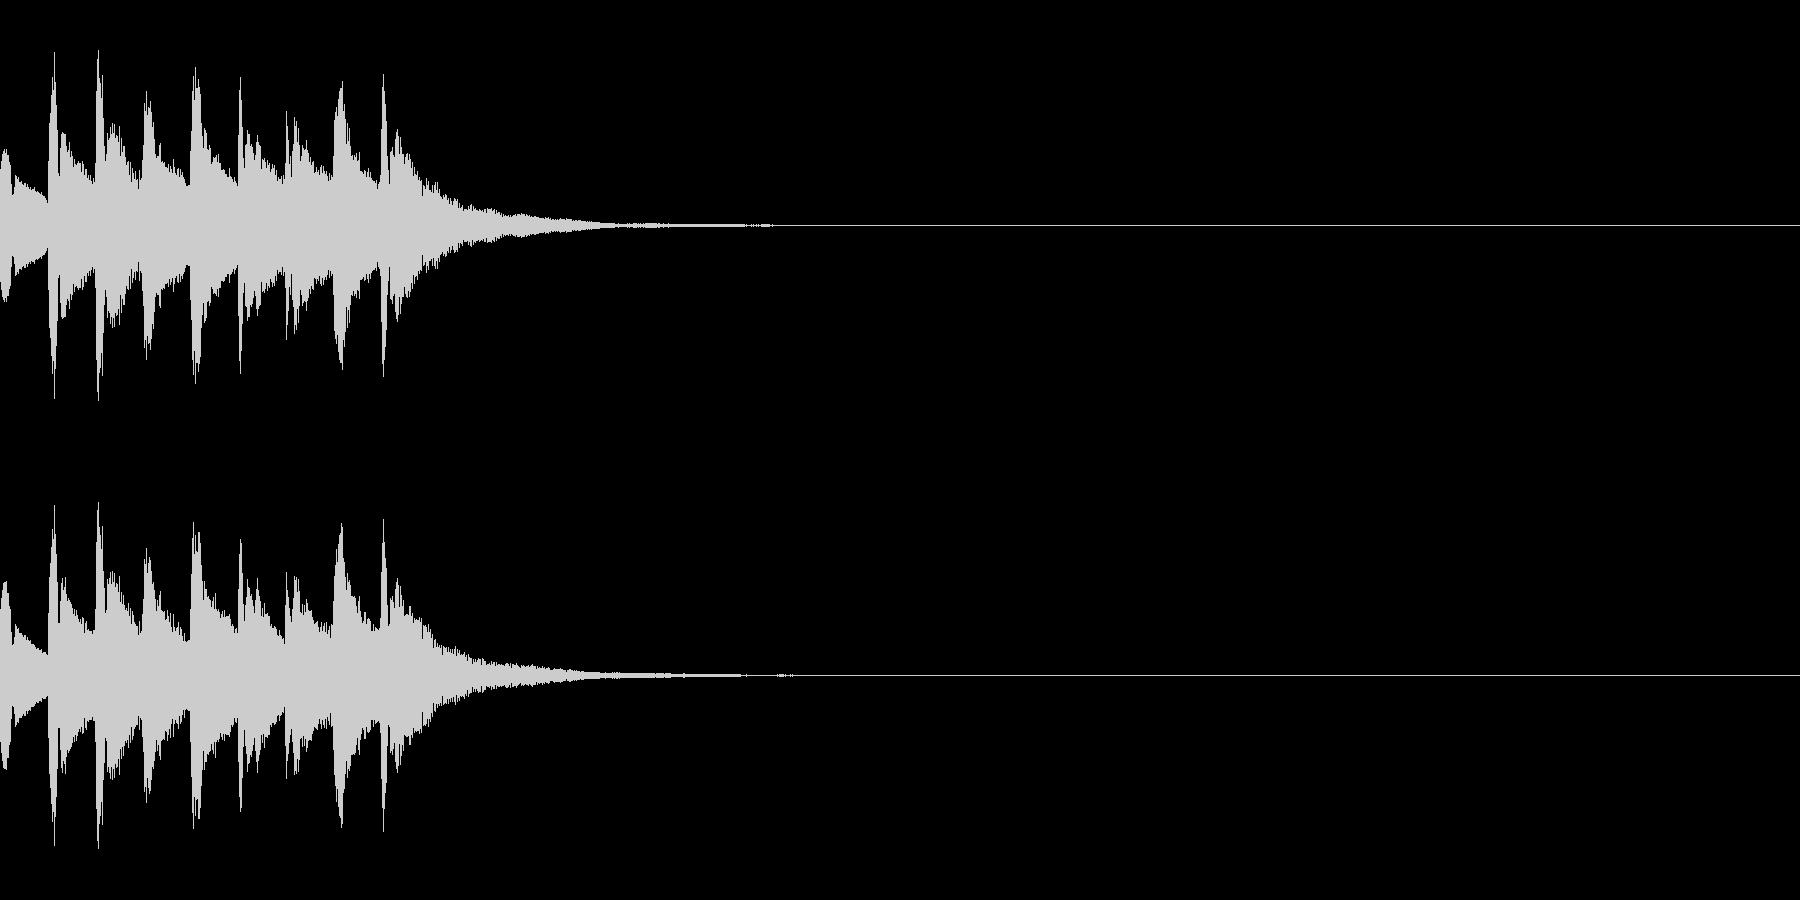 注意喚起を促す効果音・ドミソドミソドミソの未再生の波形